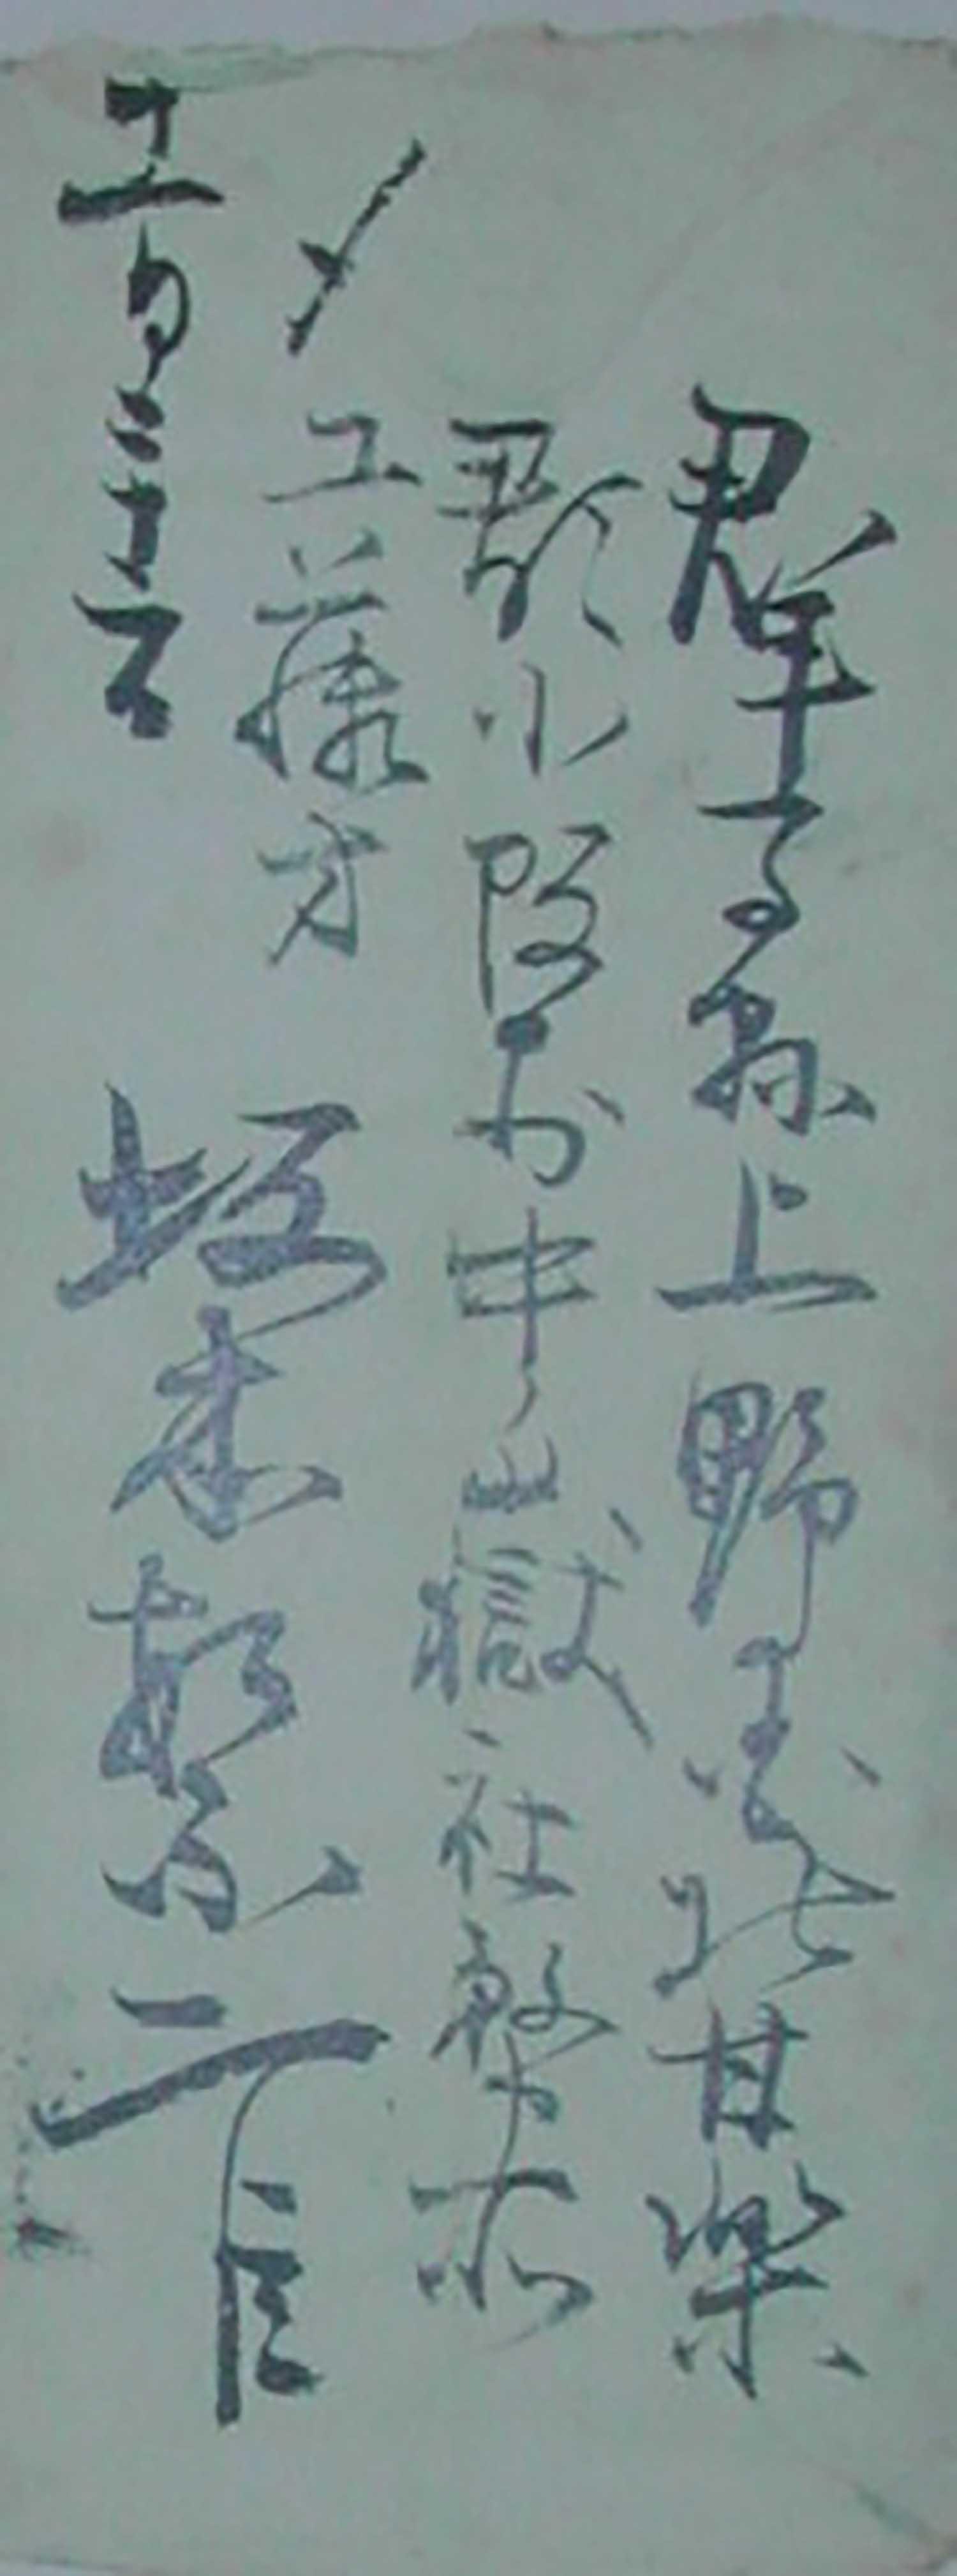 坂本繁二郎 サイン